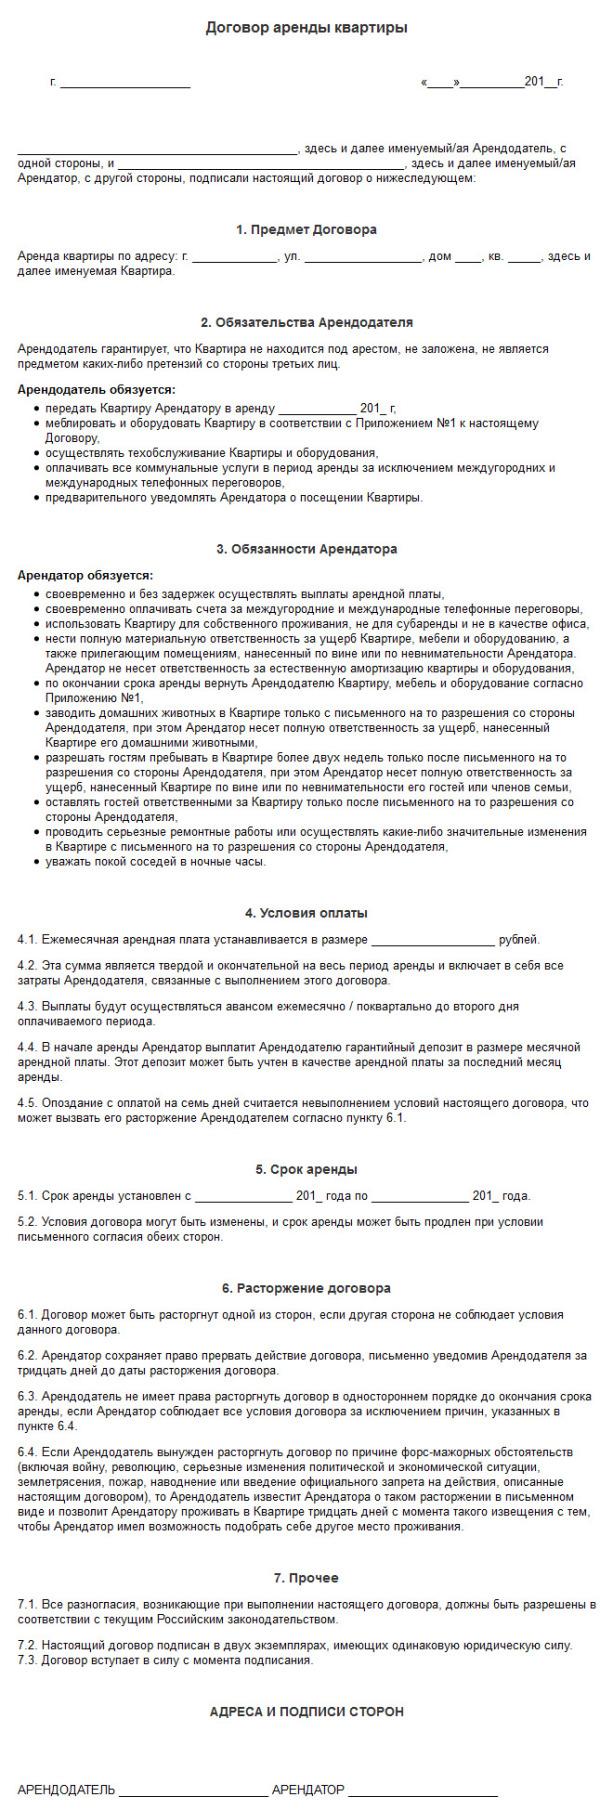 Примерный образец договора аренды квартиры